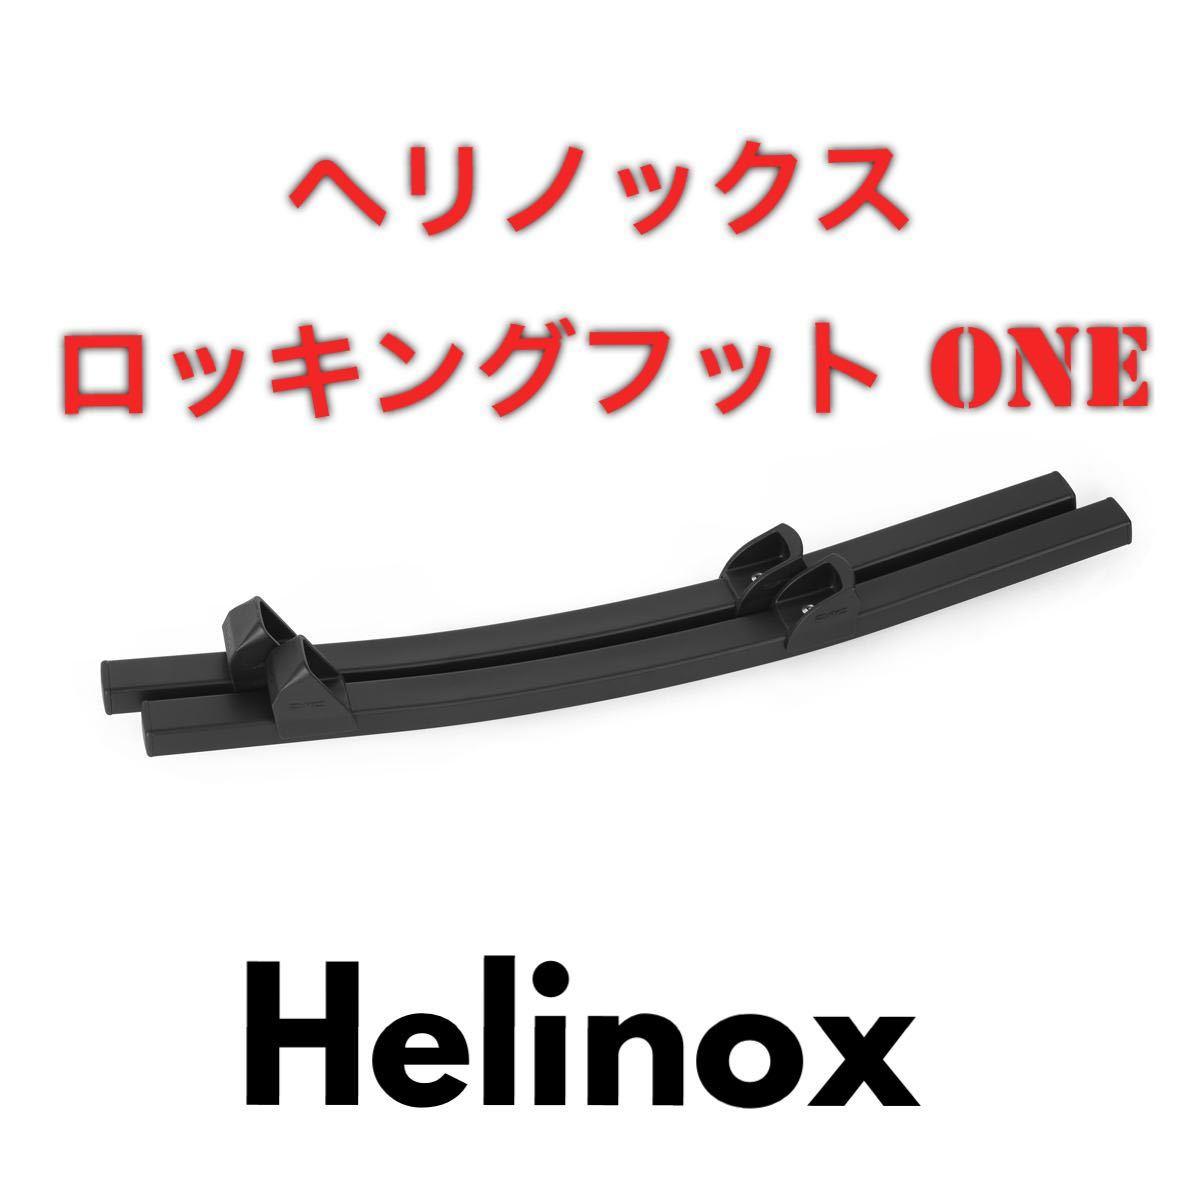 【新品純正】ヘリノックス(Helinox) ロッキングフット チェア ワン one タクティカル チェア コンフォート